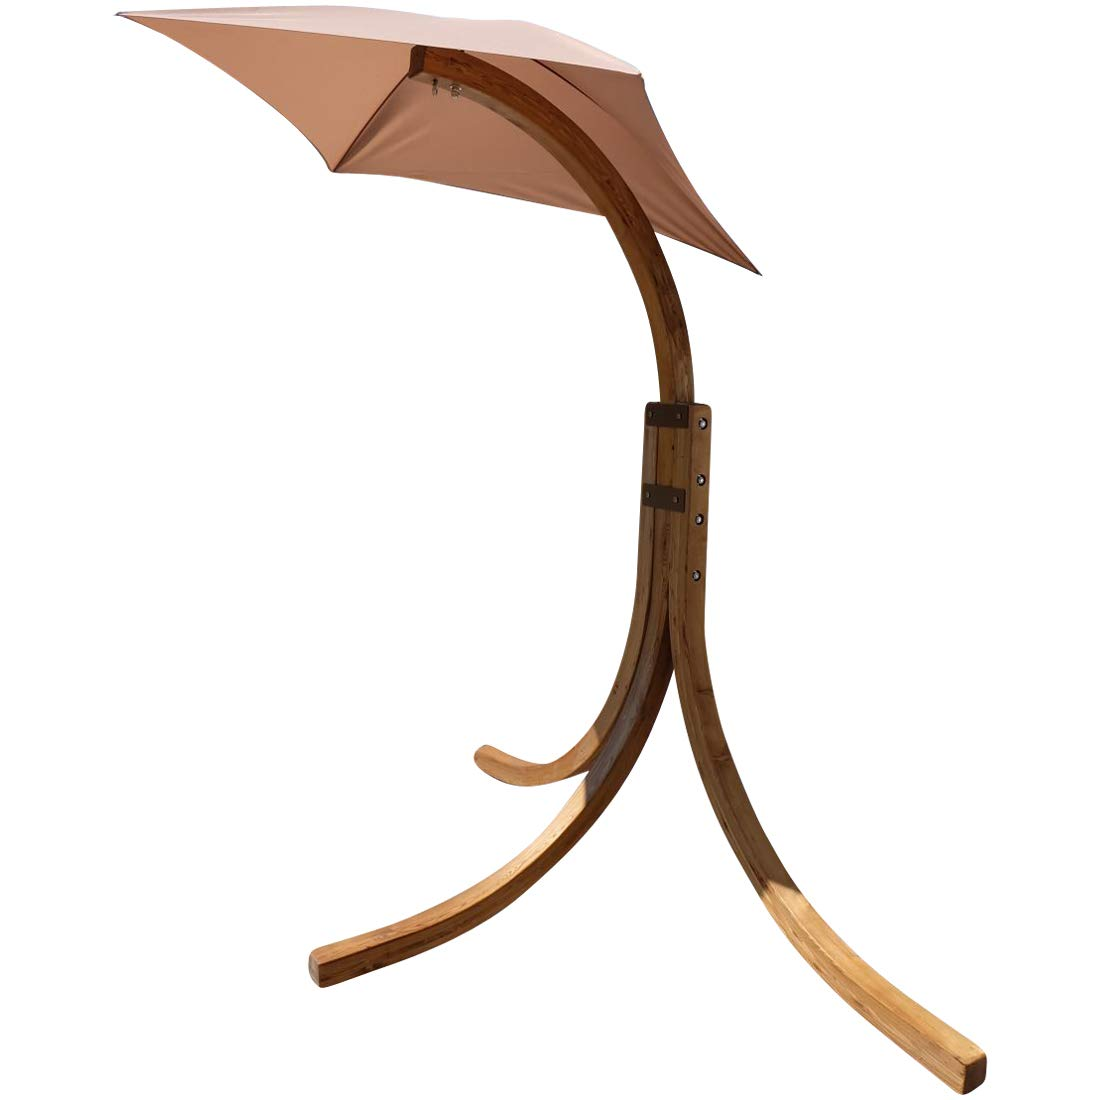 Design Hängesesselgestell NAVASSA aus Holz Lärche (ohne Sessel) von AS-S